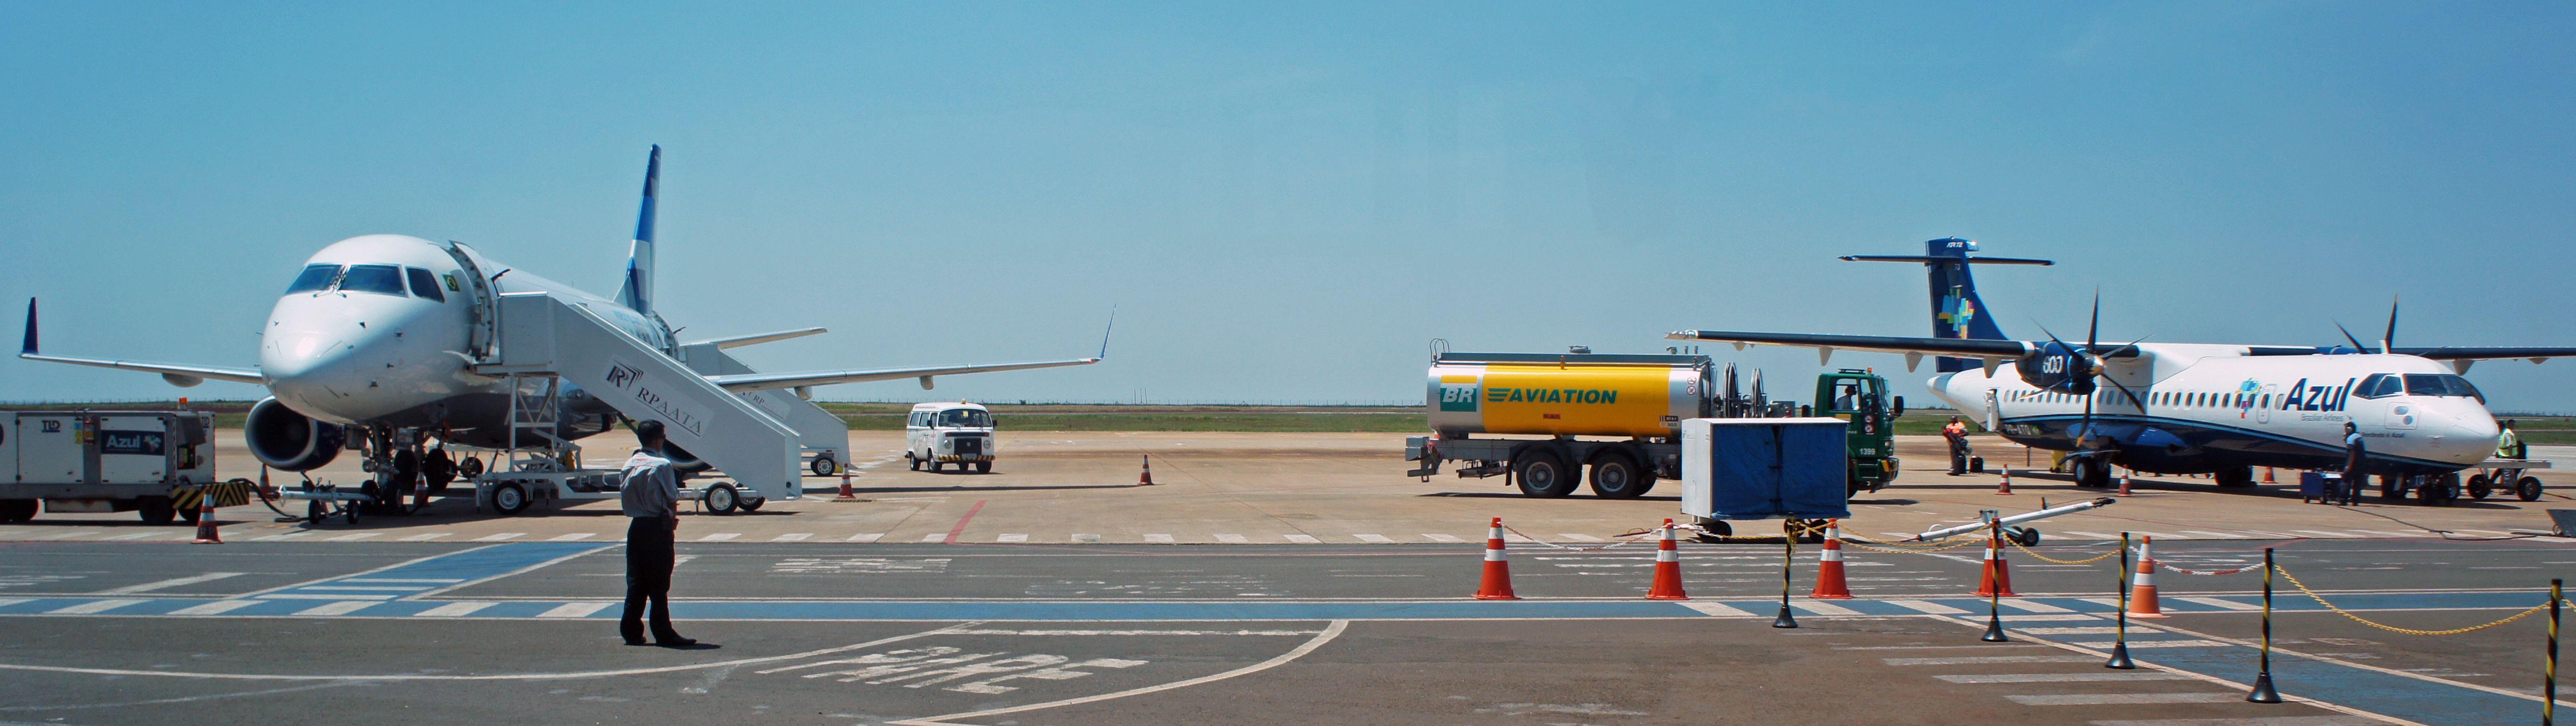 Resultado de imagen para Azul linhas aéreas